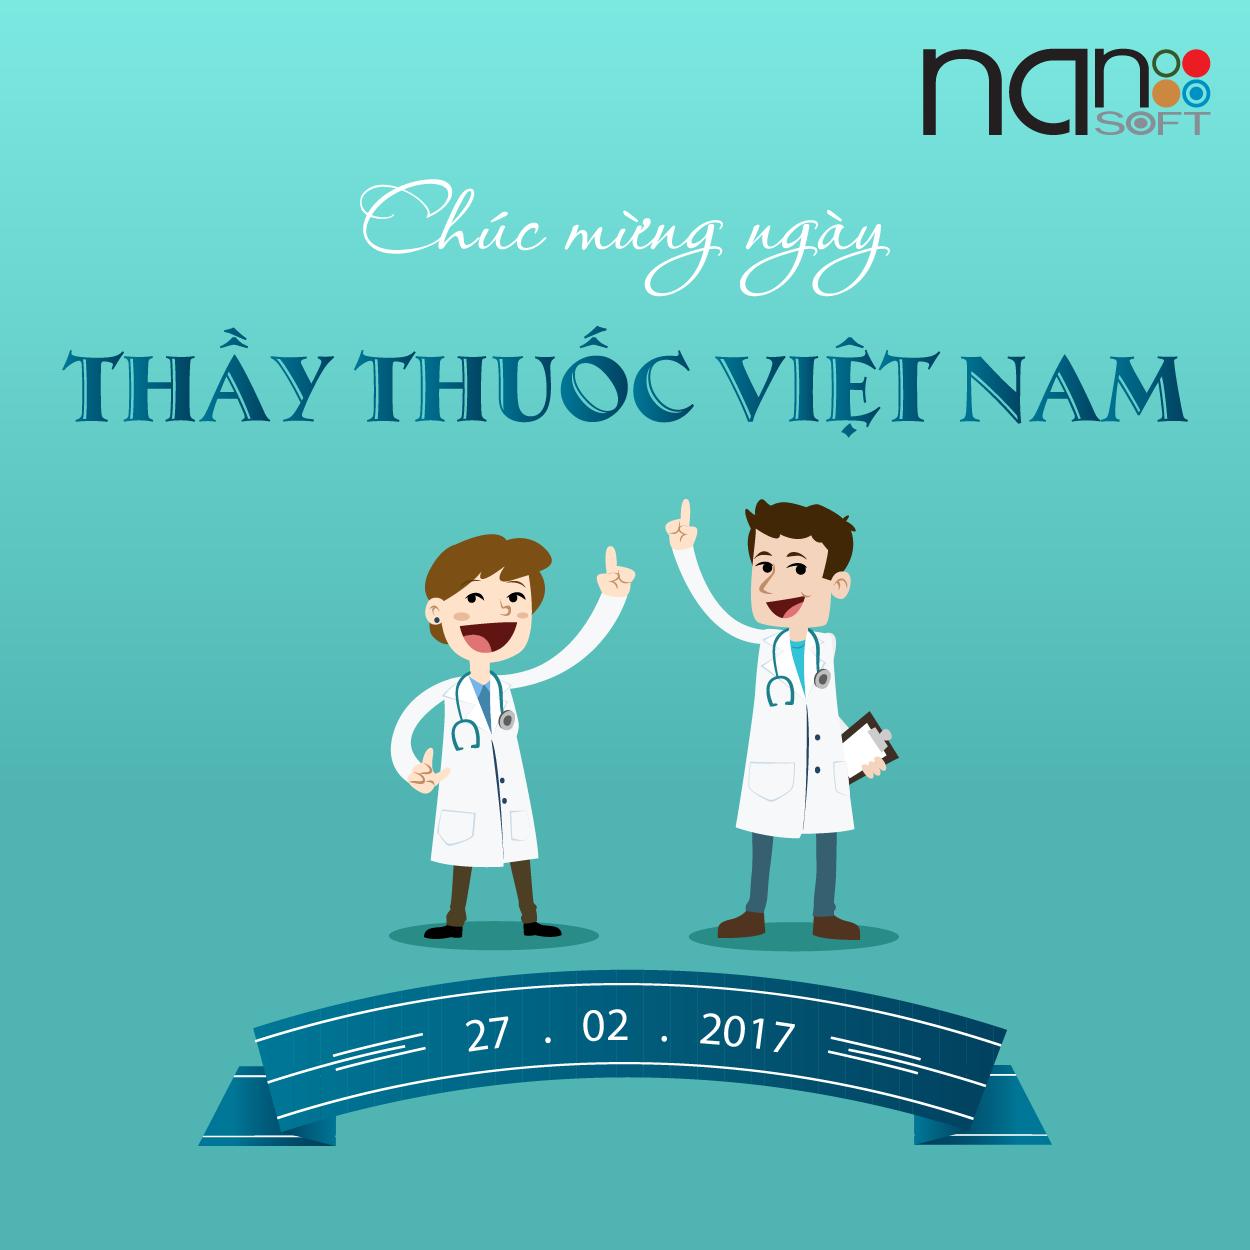 Nanosoft chúc mừng ngày thầy thuốc Việt Nam 27/02